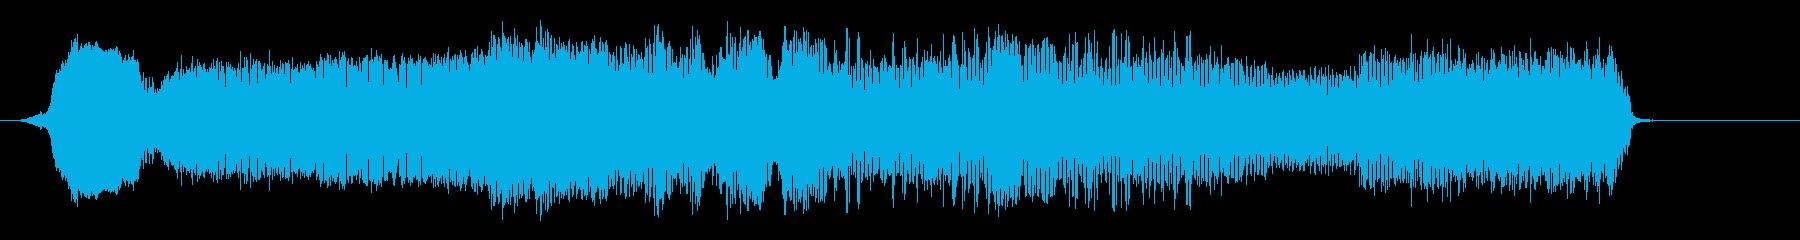 ゴム風船:スクリーチングエアリリー...の再生済みの波形